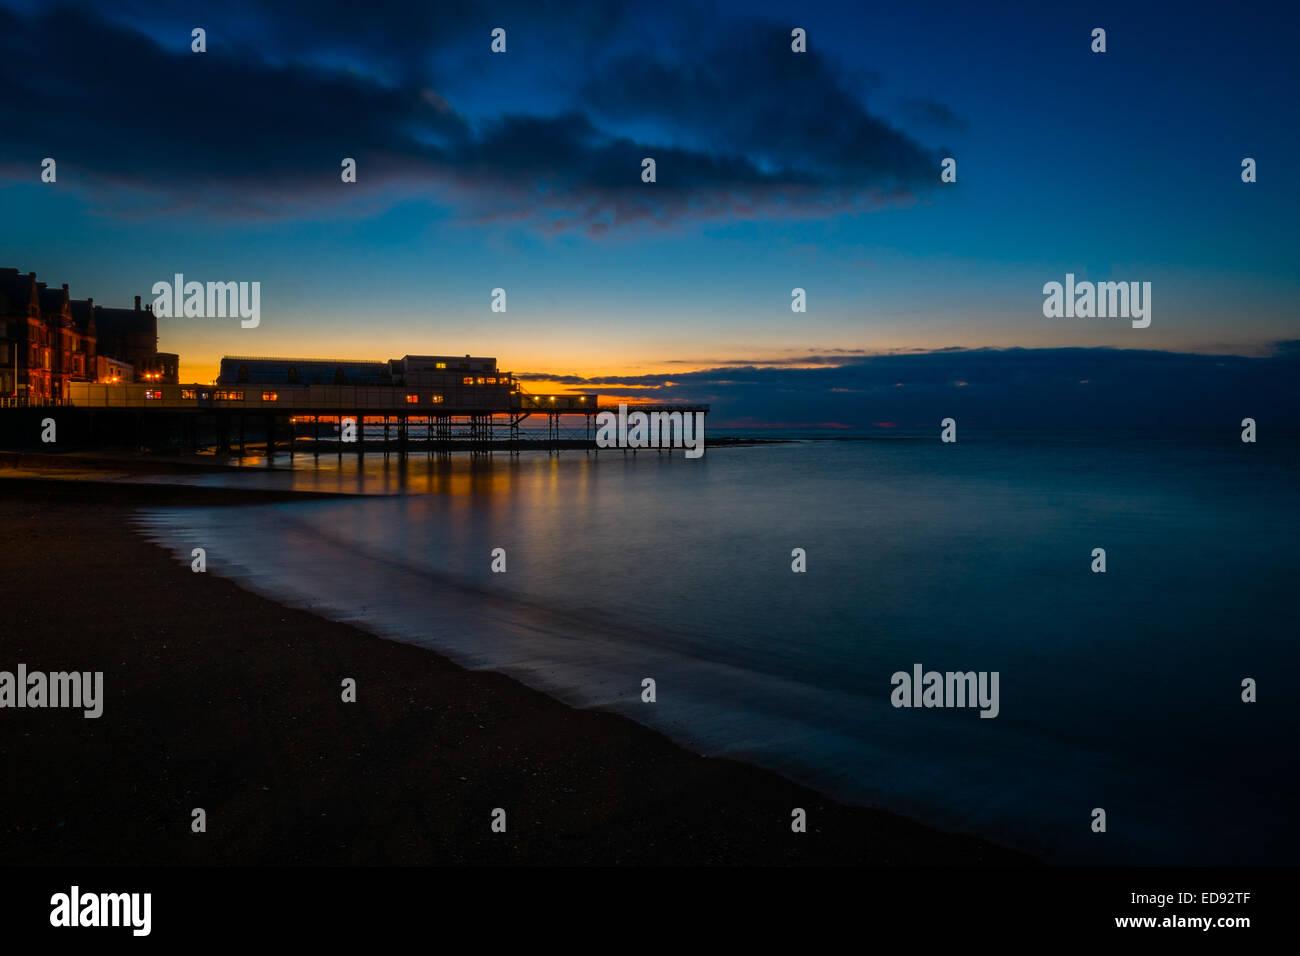 Cardigan Bay and Aberystwyth pier at dusk, long exposure image, Wales UK - Stock Image